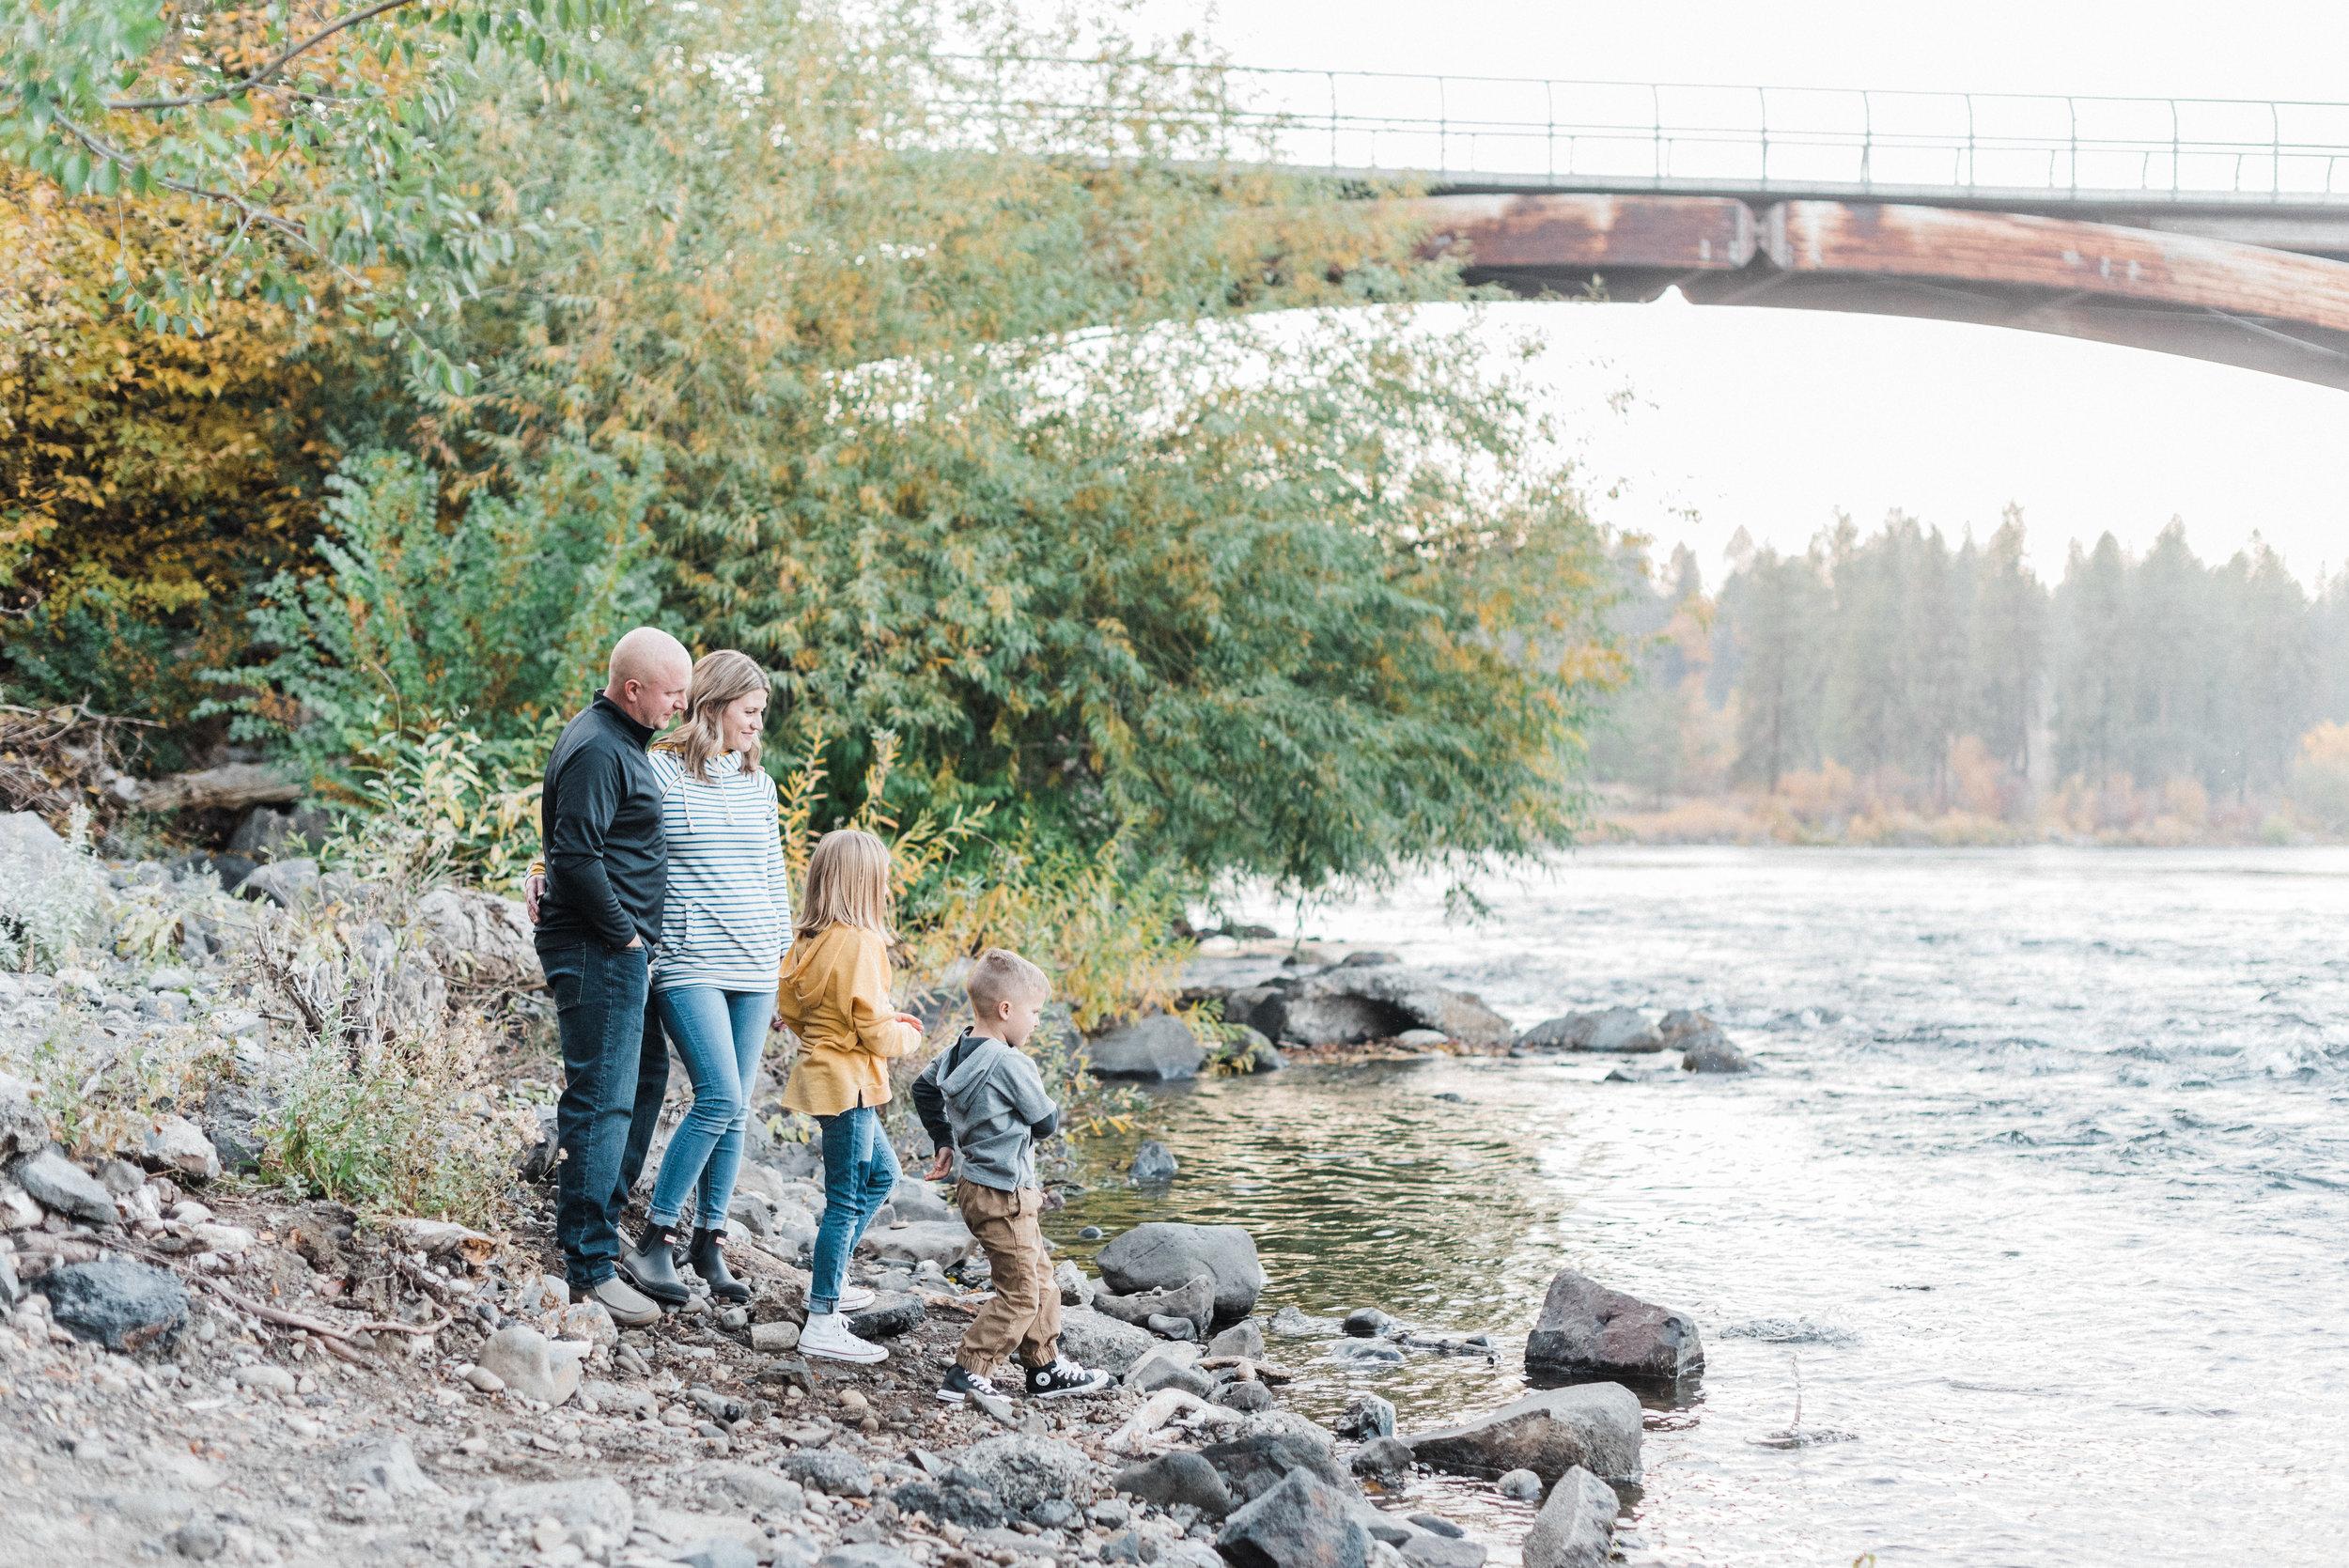 spokane-family-session-emch (26 of 26).jpg